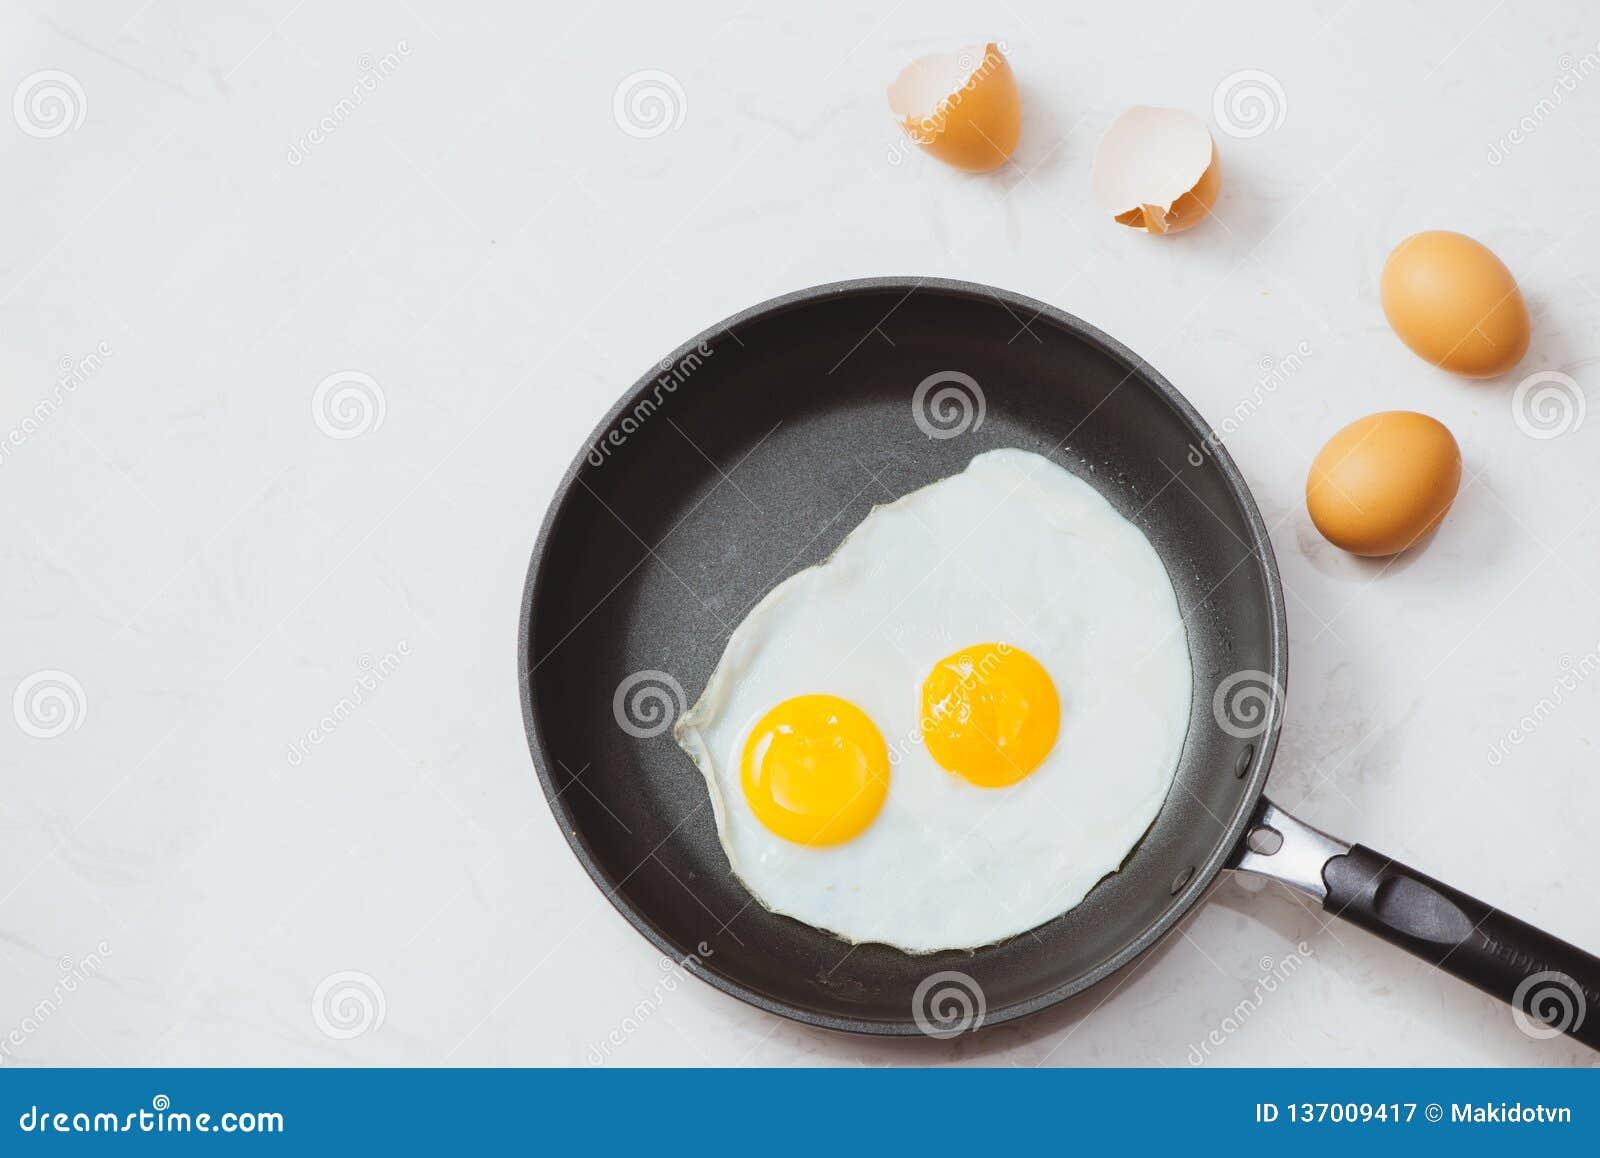 Im Prozess essen, Spiegeleier in einer Bratpfanne zum Frühstück auf einem weißen Hintergrund Tageslicht